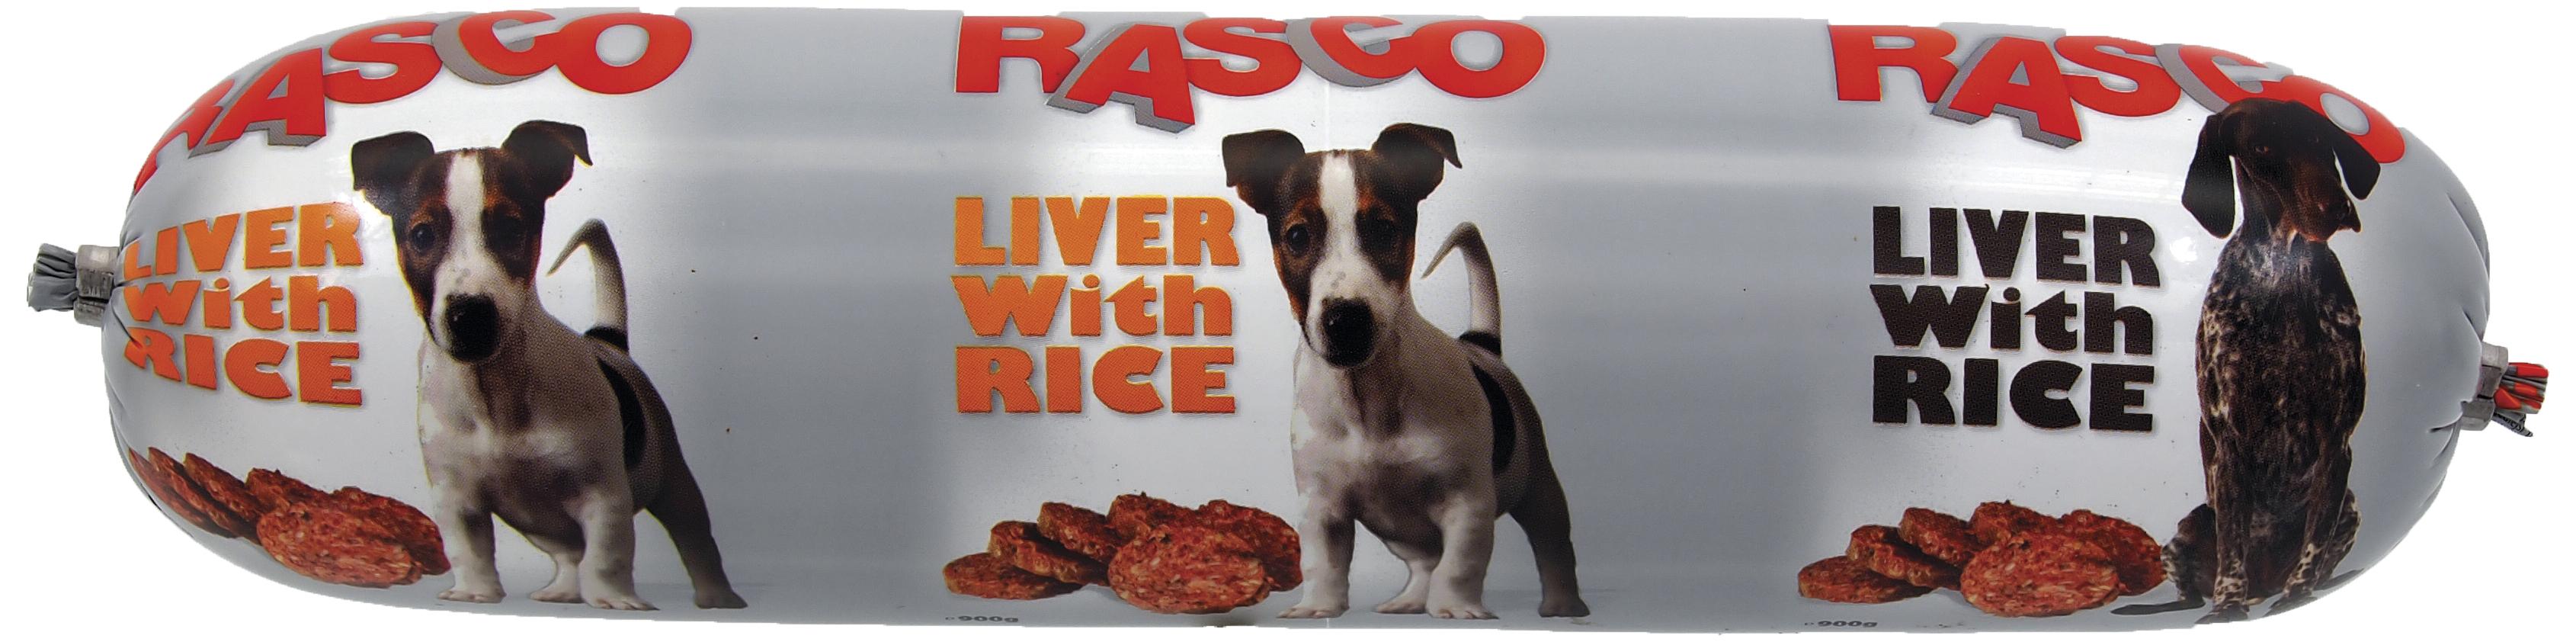 Salám Rasco Liver with Rice 900g